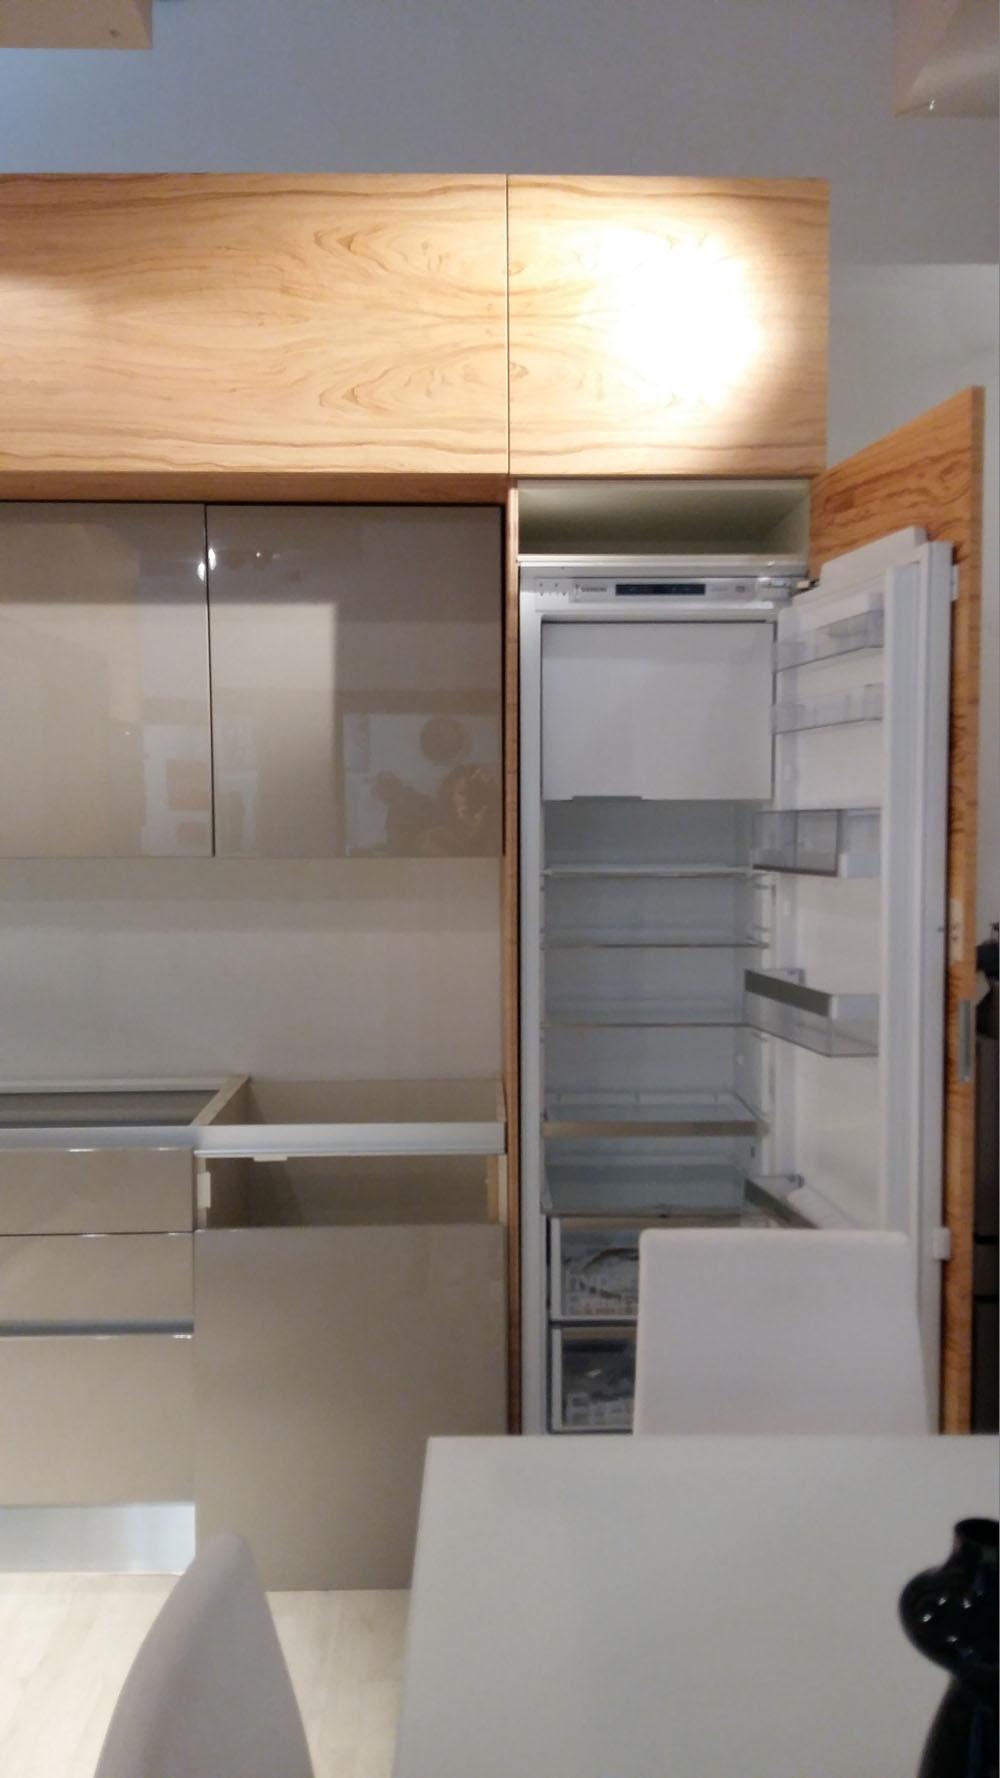 Stunning camino in cucina moderna photos home interior - Camino in cucina ...